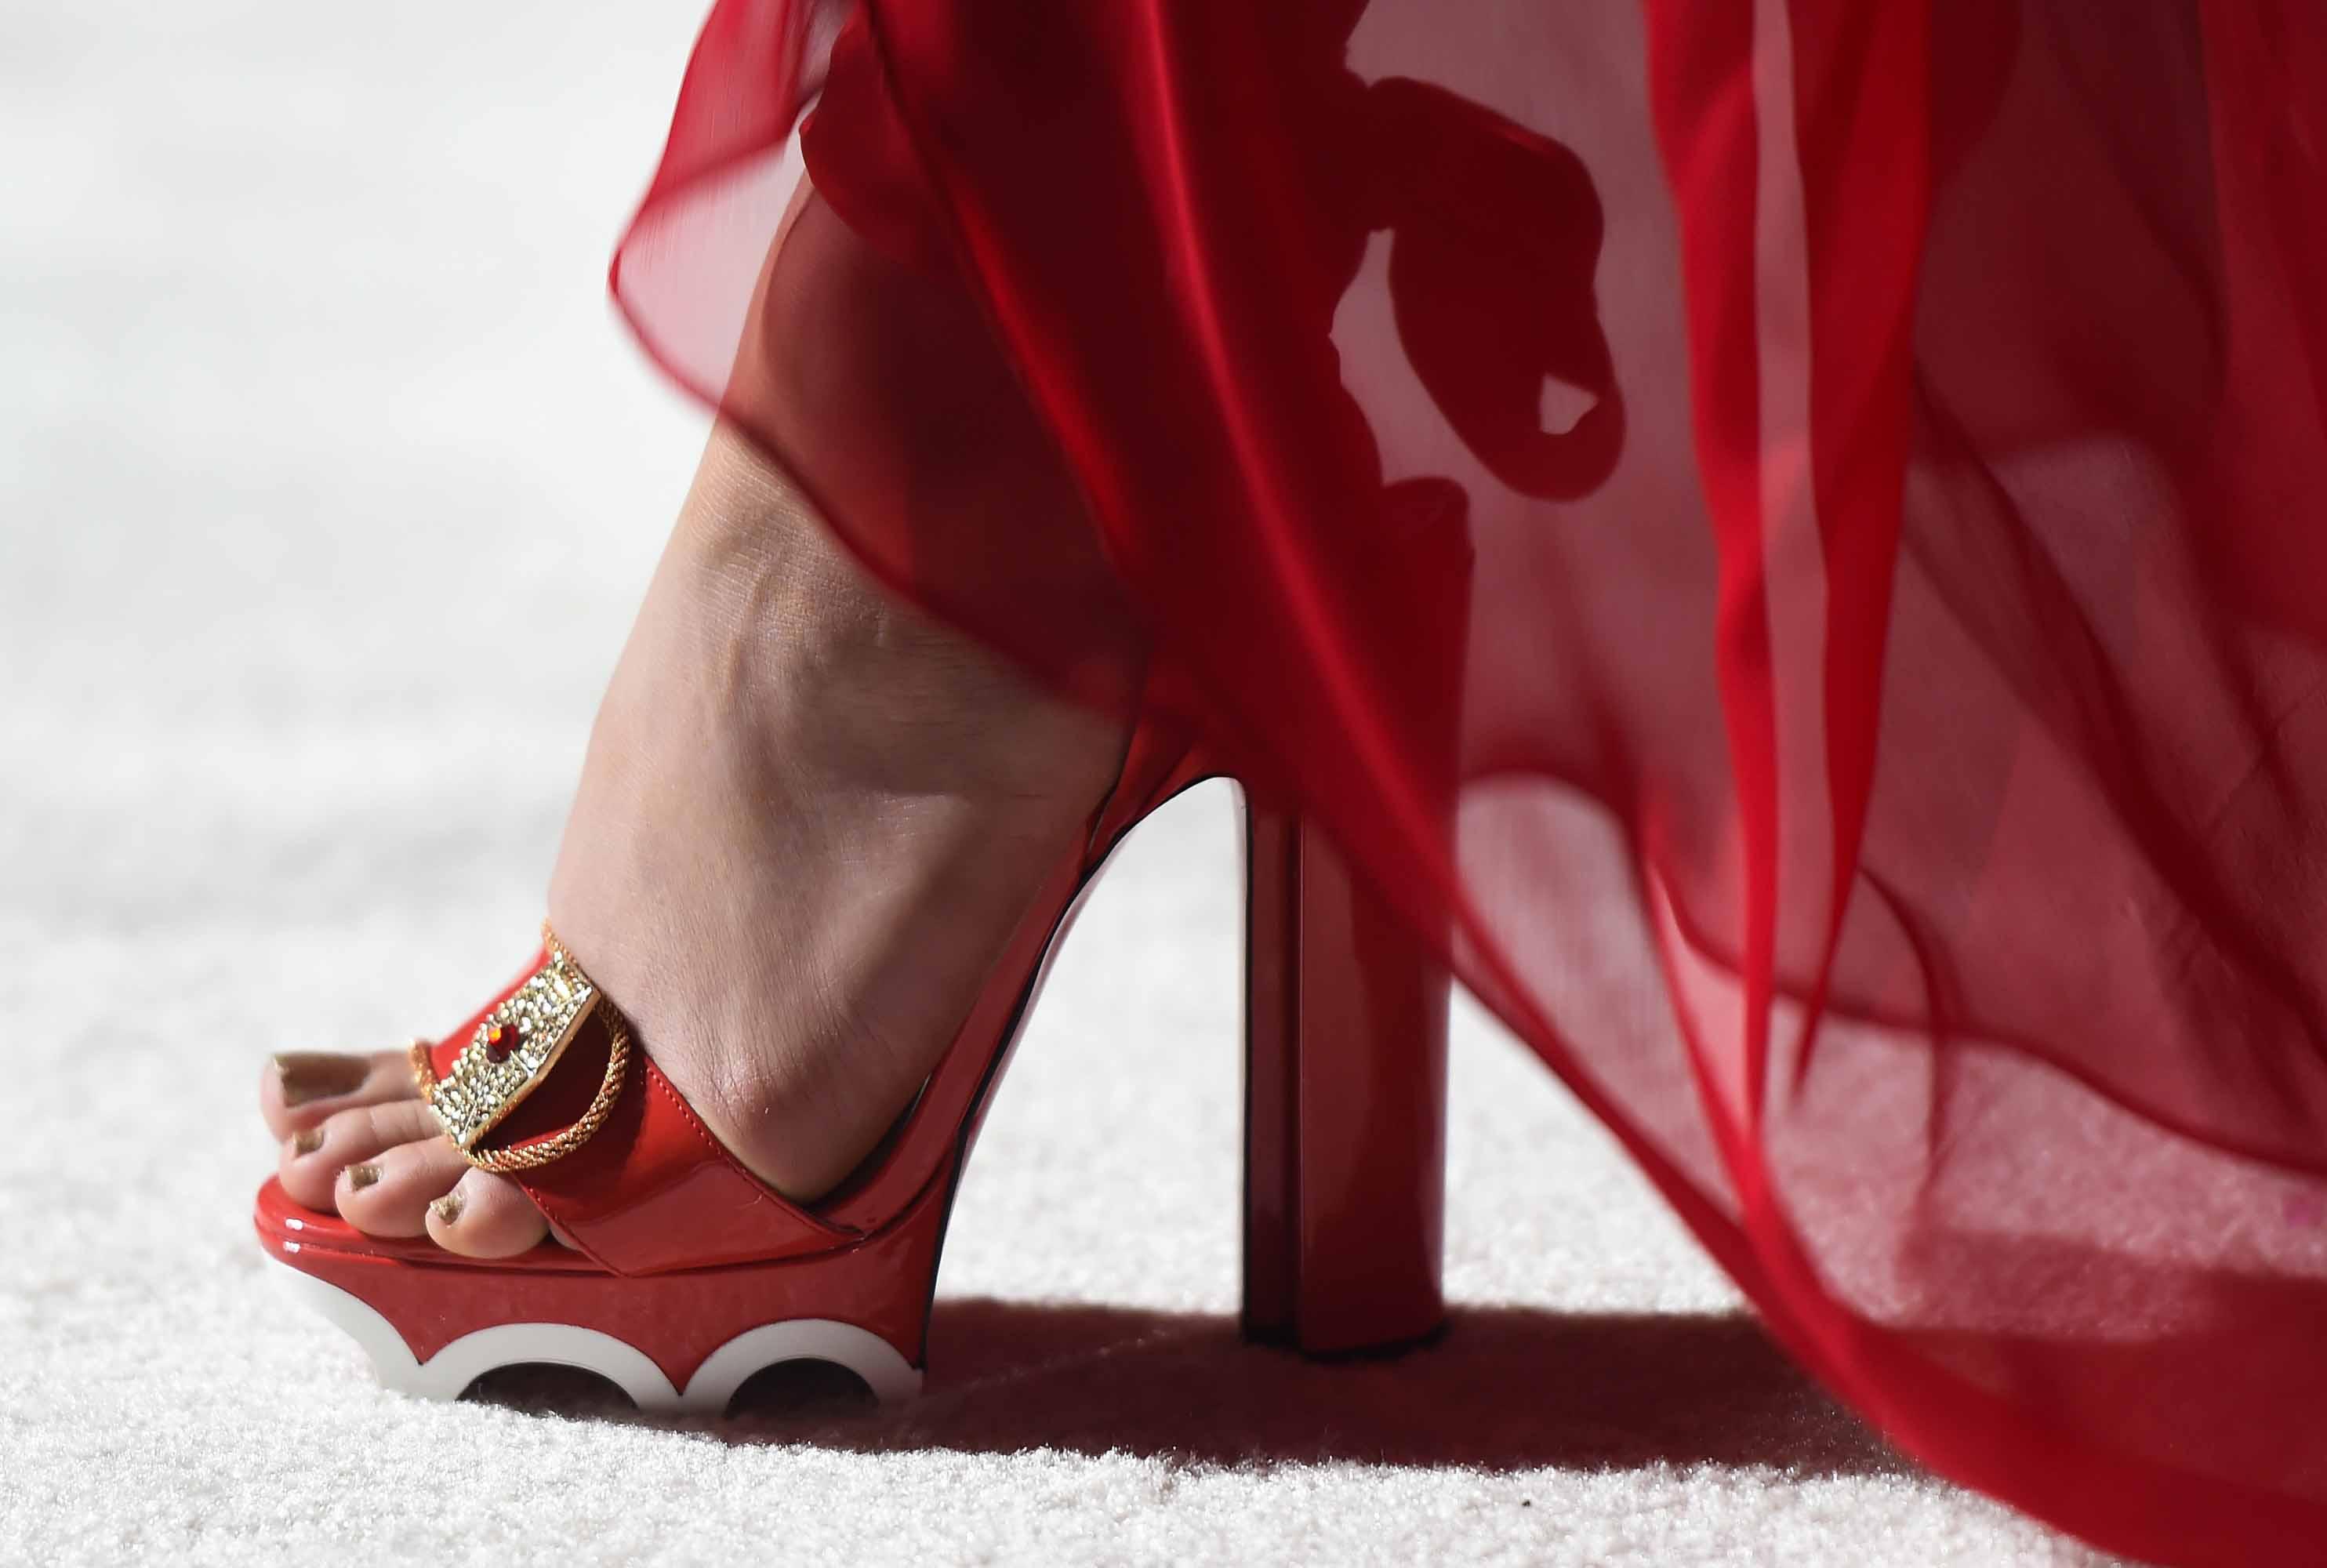 """Kelly Marie Tran mang thiết kế giày của Christian Louboutin sáng tạo dựa trên chính nhân vật Rose Tico mà cô thủ vai trong """"Star Wars: The Last Jedi"""""""